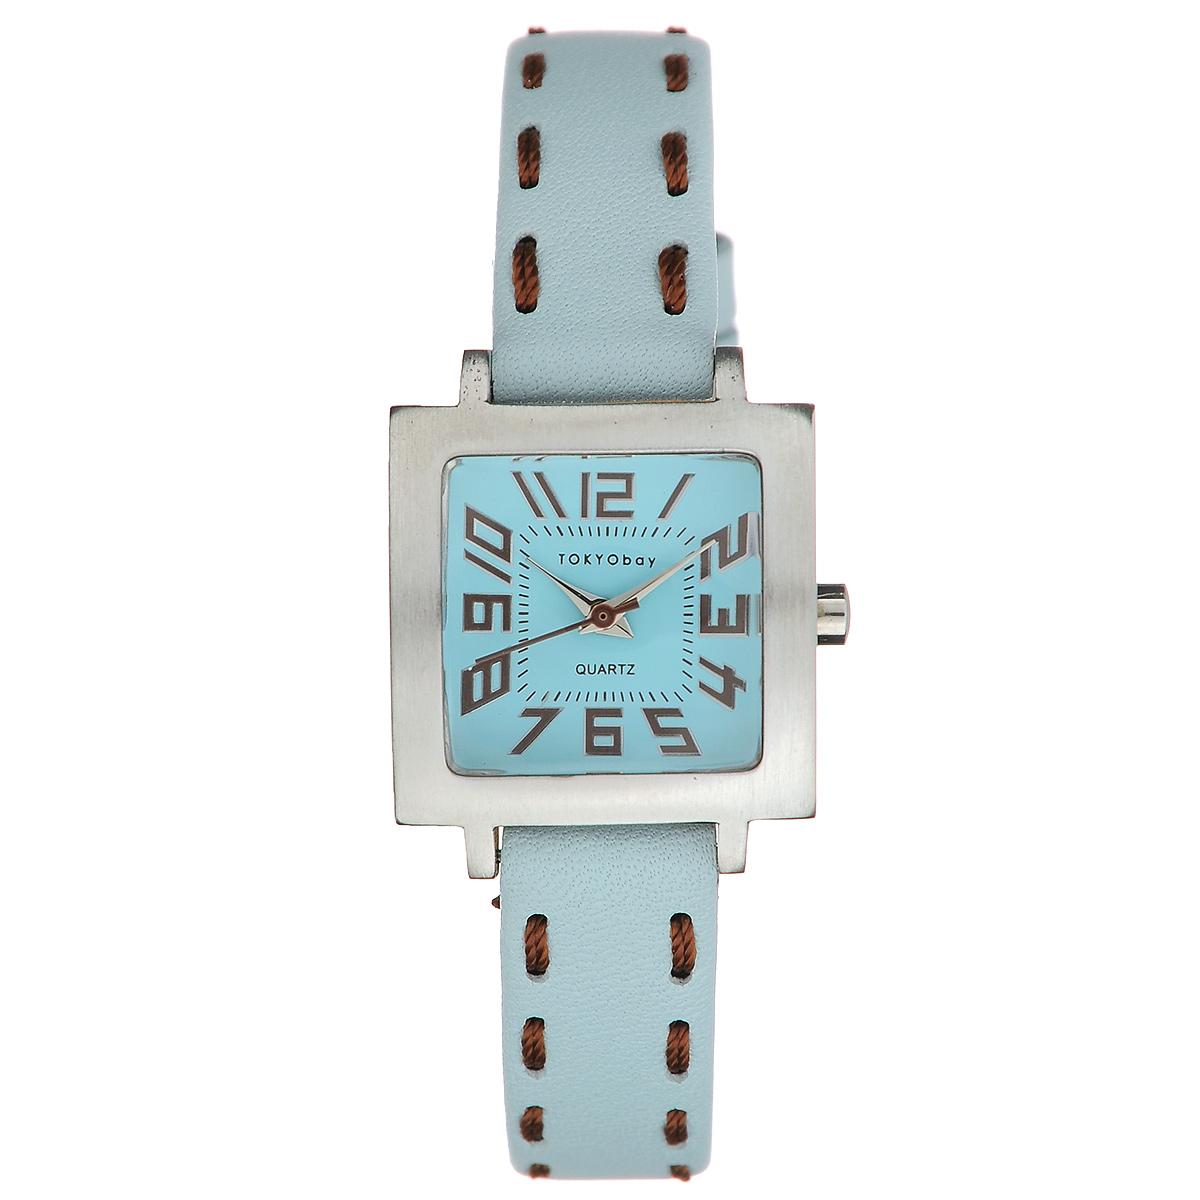 Часы женские наручные Tokyobay Tramette, цвет: голубой, коричневый. T206-LTBLT206-LTBLНаручные часы Tokyobay - это стильное дополнение к вашему неповторимому образу. Эти часы созданы для современных девушек, ценящих стиль, качество и практичность. Часы оснащены японским кварцевым механизмом Miyota. Корпус выполнен из сплава металлов, не содержащего никель. Задняя крышка изготовлена из нержавеющей стали. Циферблат оформлен крупными арабскими цифрами, имеет три стрелки - часовую, минутную и секундную. Циферблат защищен ударопрочным оптическим пластиком. Ремешок выполнен из натуральной кожи и текстиля, застегивается на классическую застежку-пряжку. Часы Tokyobay - это практичный и модный аксессуар, который подчеркнет ваш безупречный вкус. Характеристики: Корпус: 2,2 х 2,2 х 0,8 см. Размер ремешка: 18 х 1,2 см. Не содержит никель. Не водостойкие.